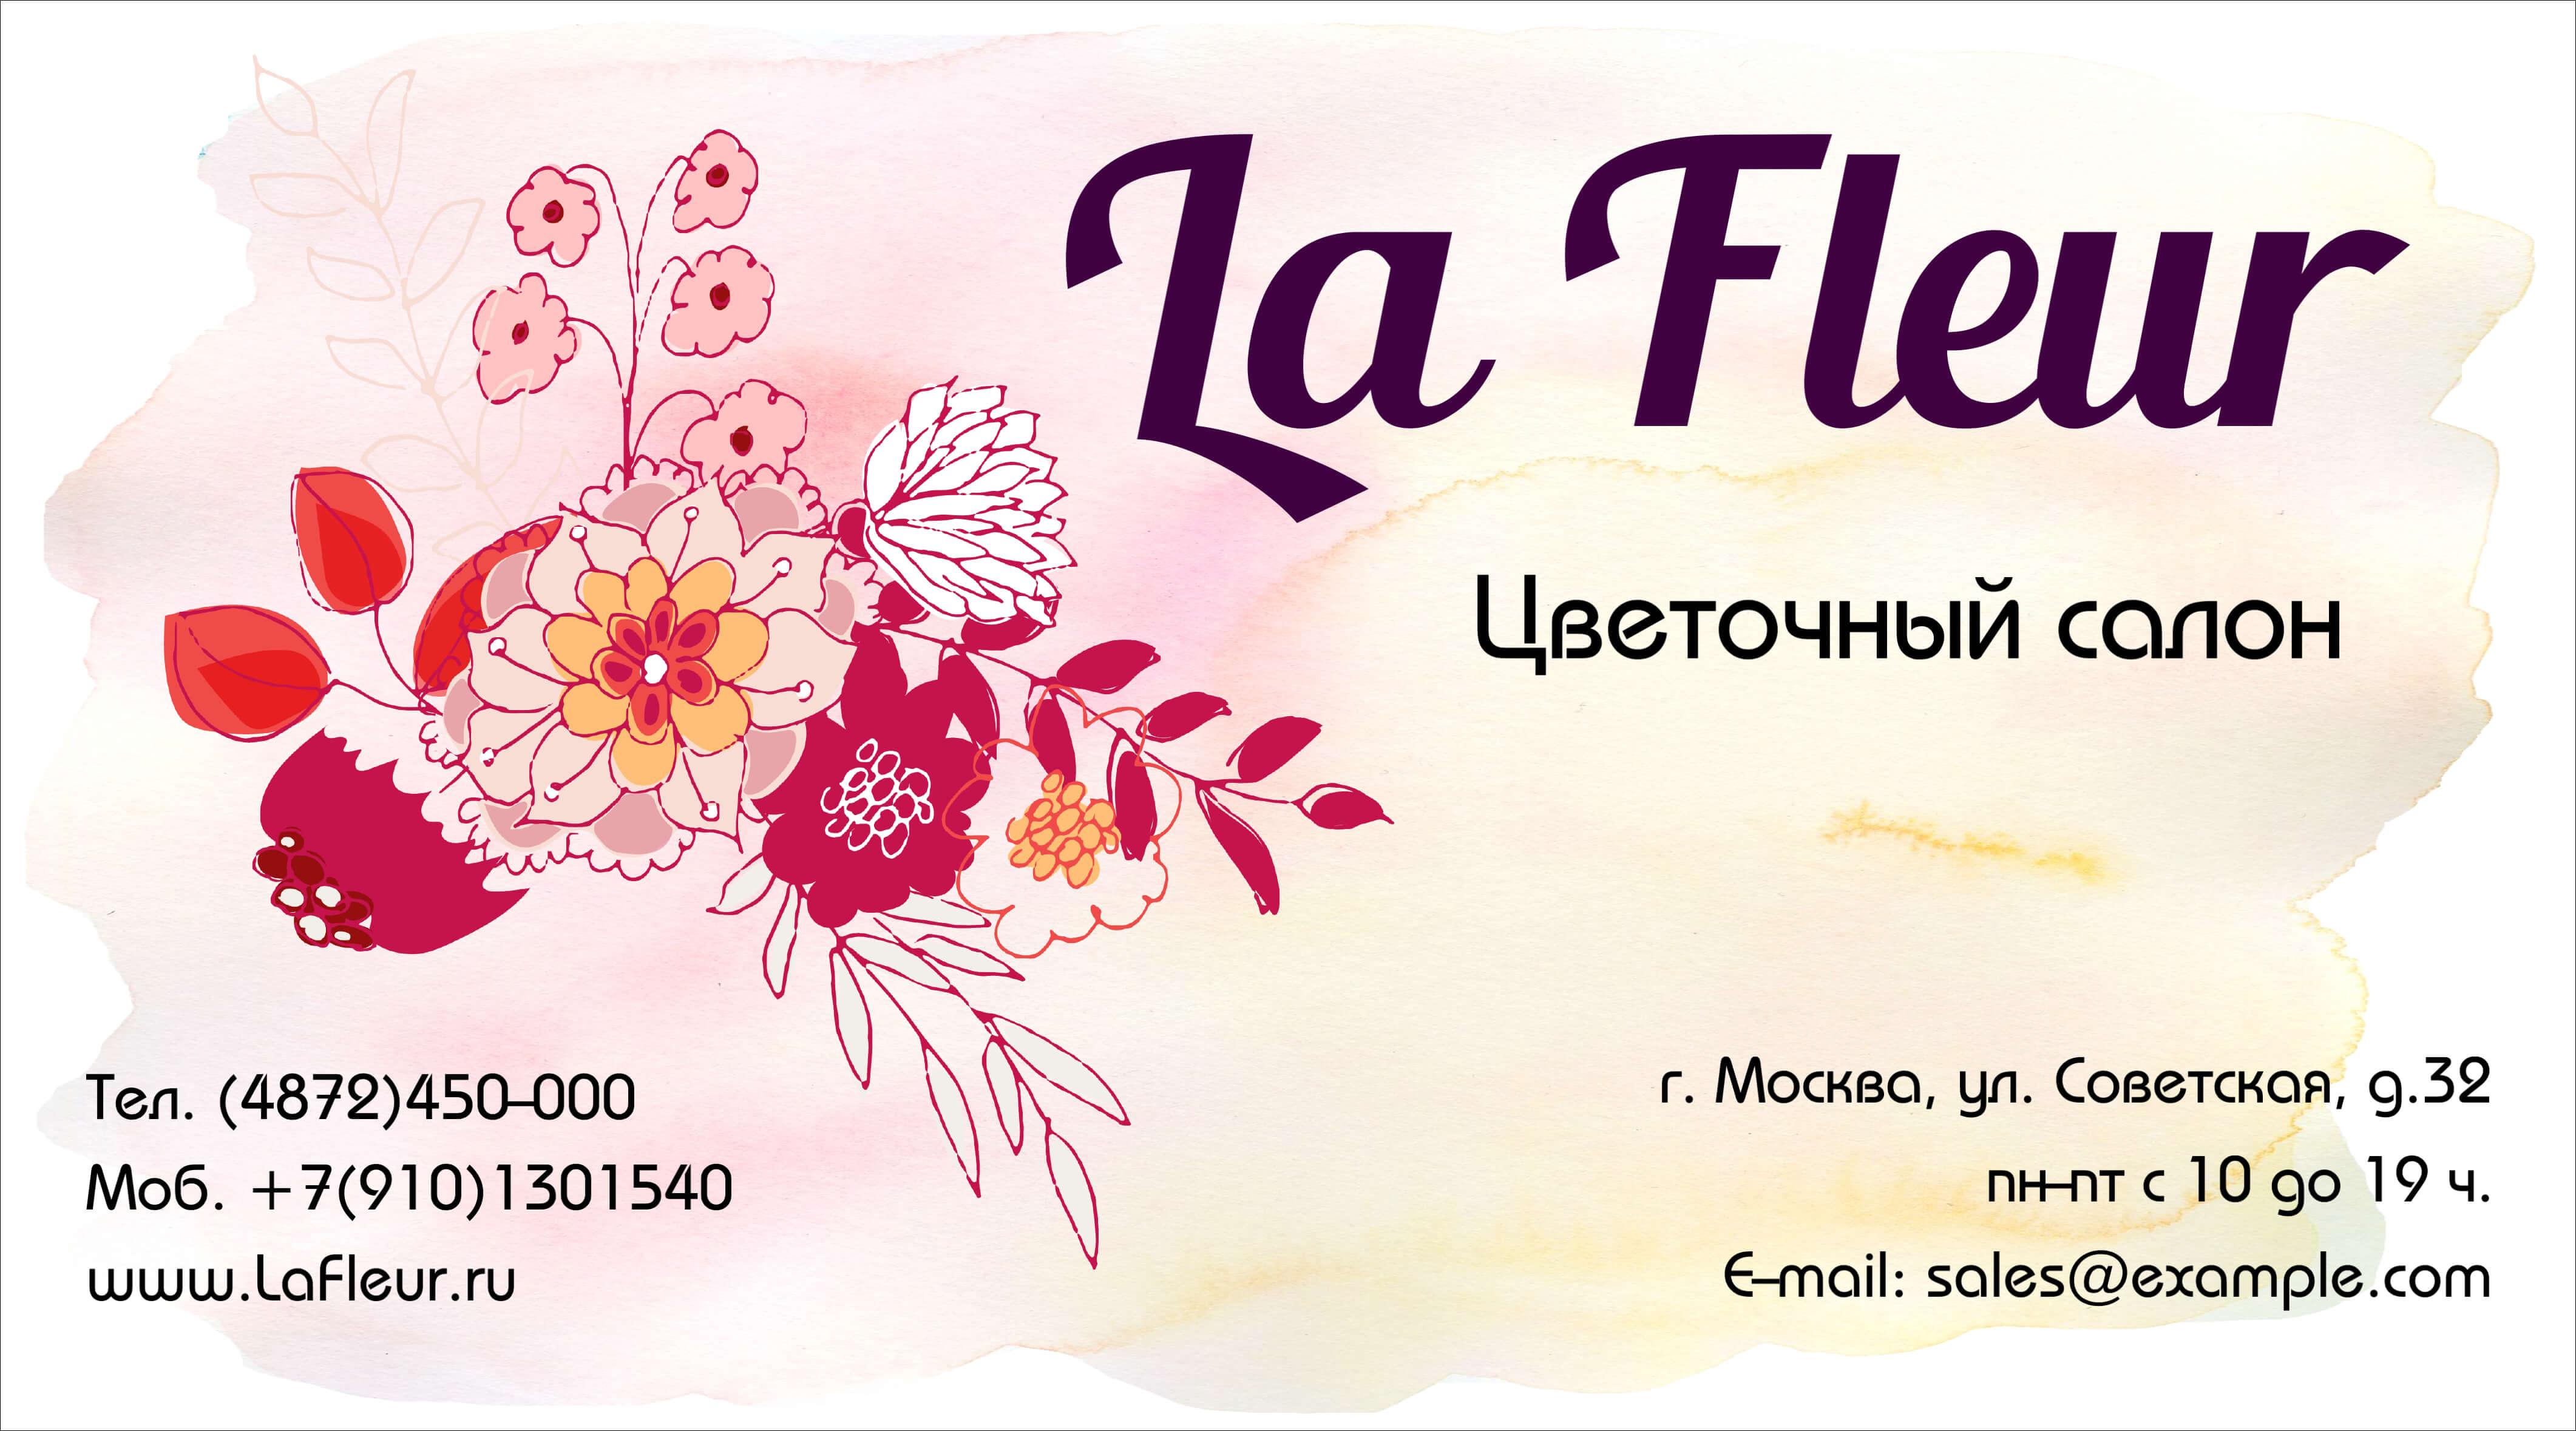 Сайт о создании визитных карточек уральская мебельная компания официальный сайт